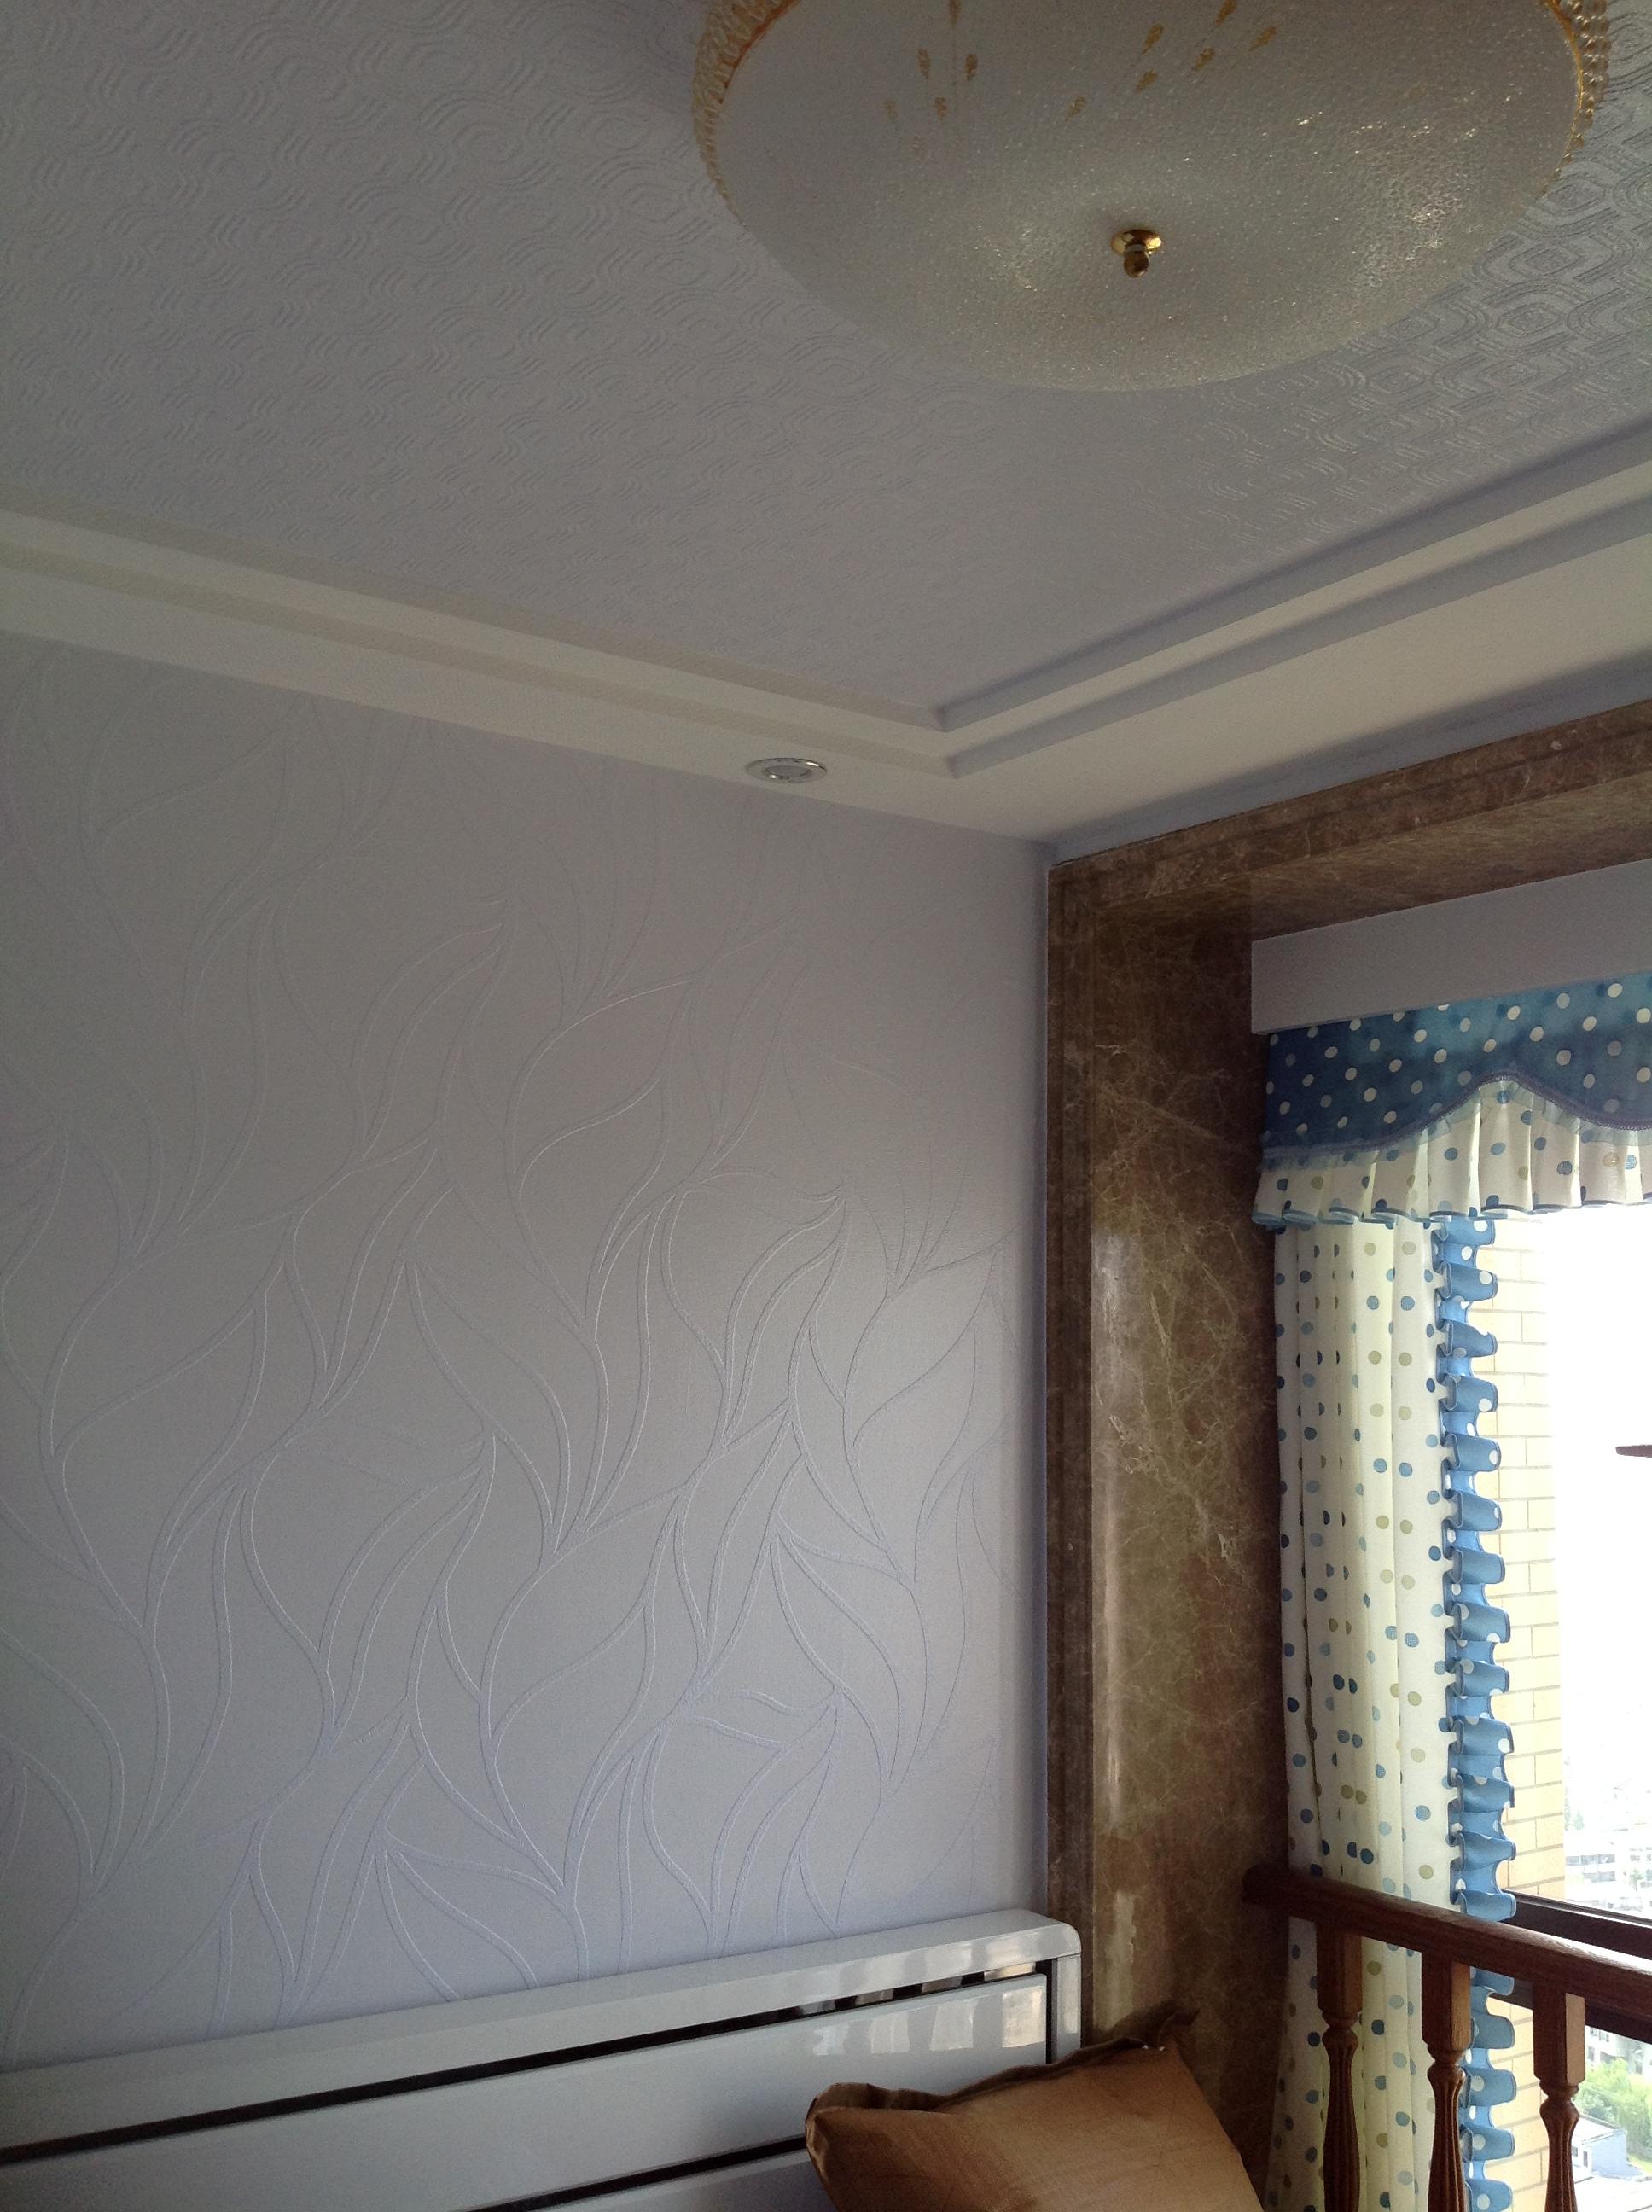 ta新材料壁布 家装背景墙 卧室 吊顶壁纸